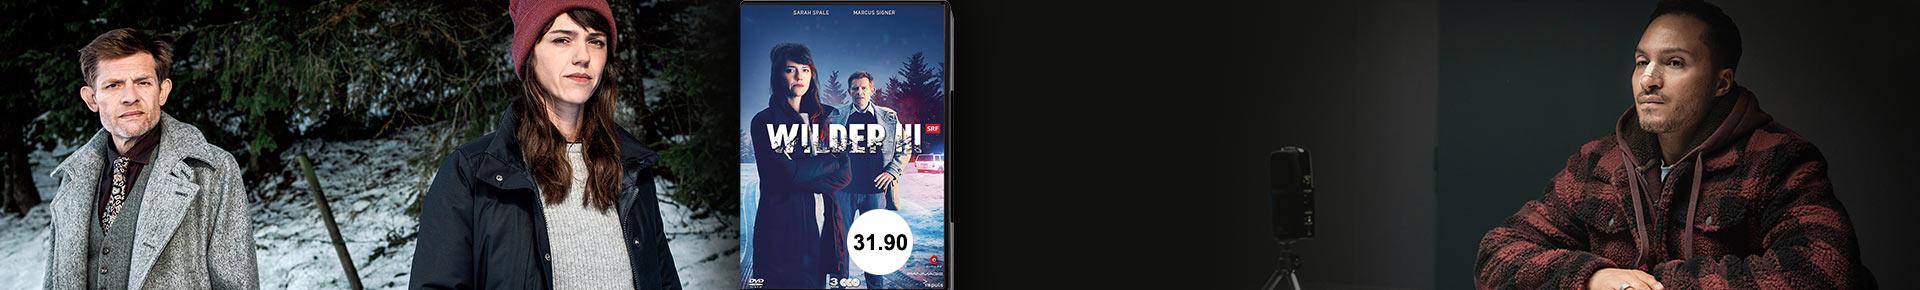 «Wilder - Staffel 3» portofrei bestellen.